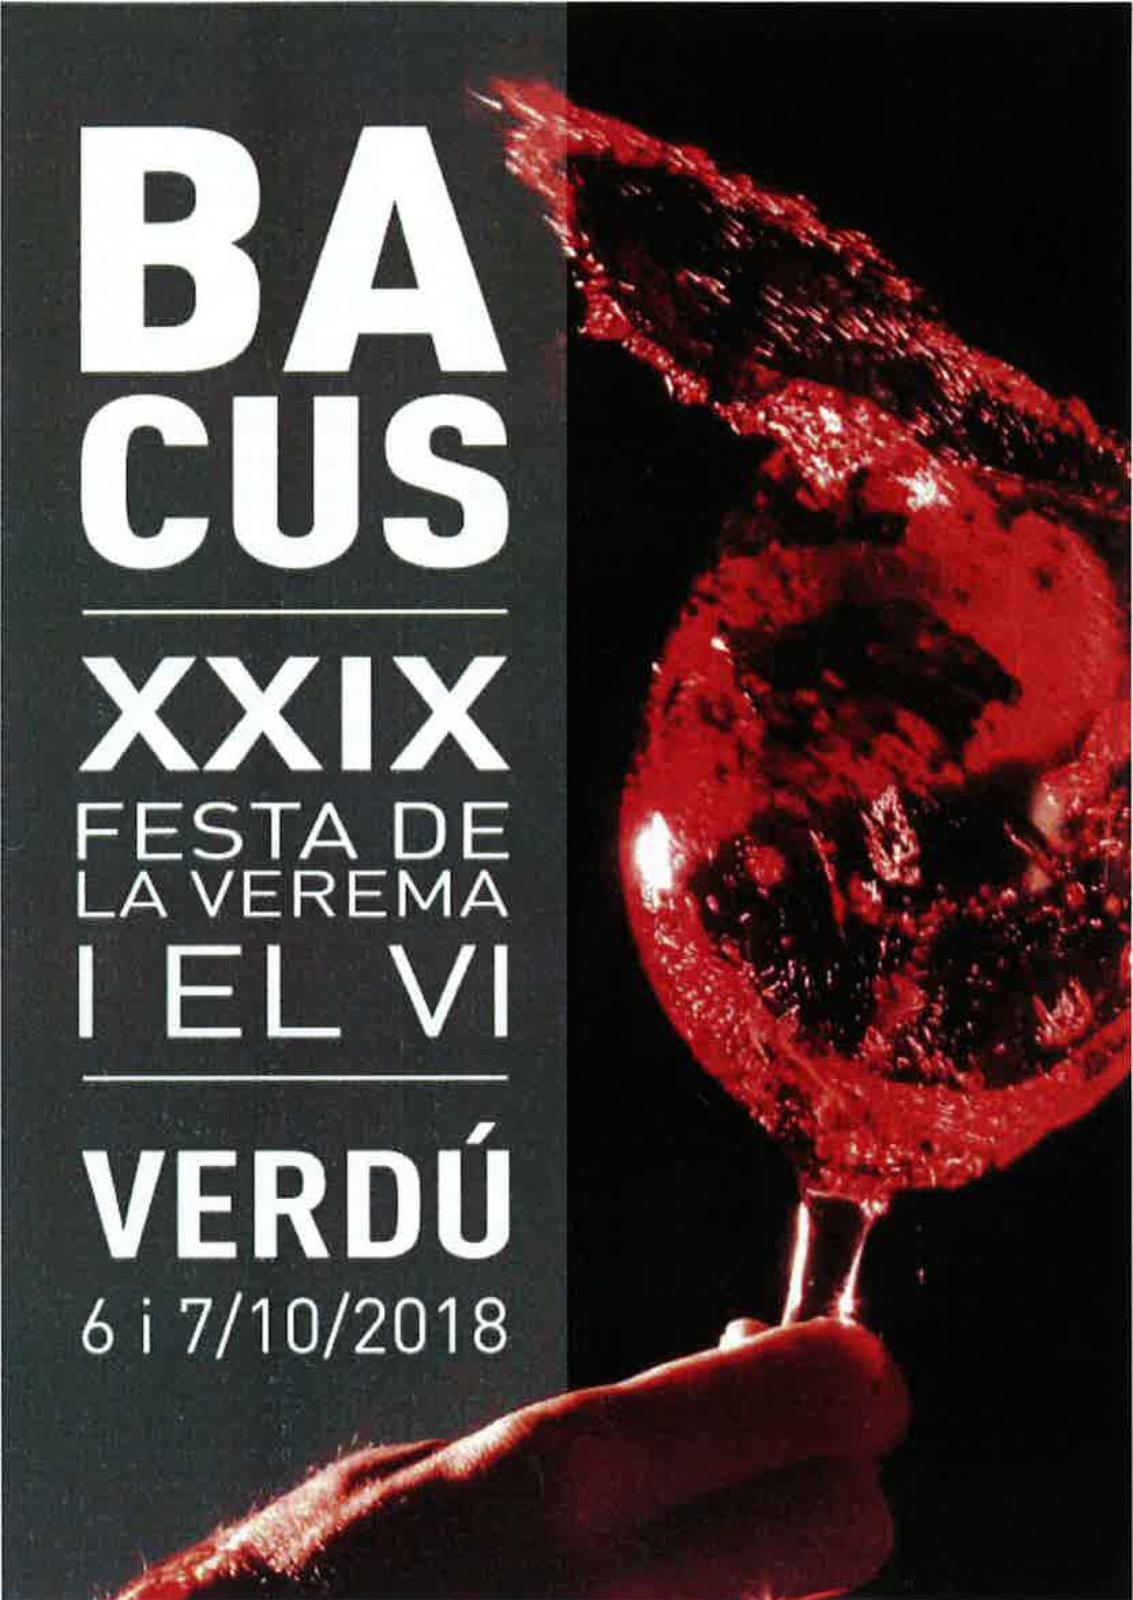 29a Festa de la Verema i el Vi Bacus Verdú